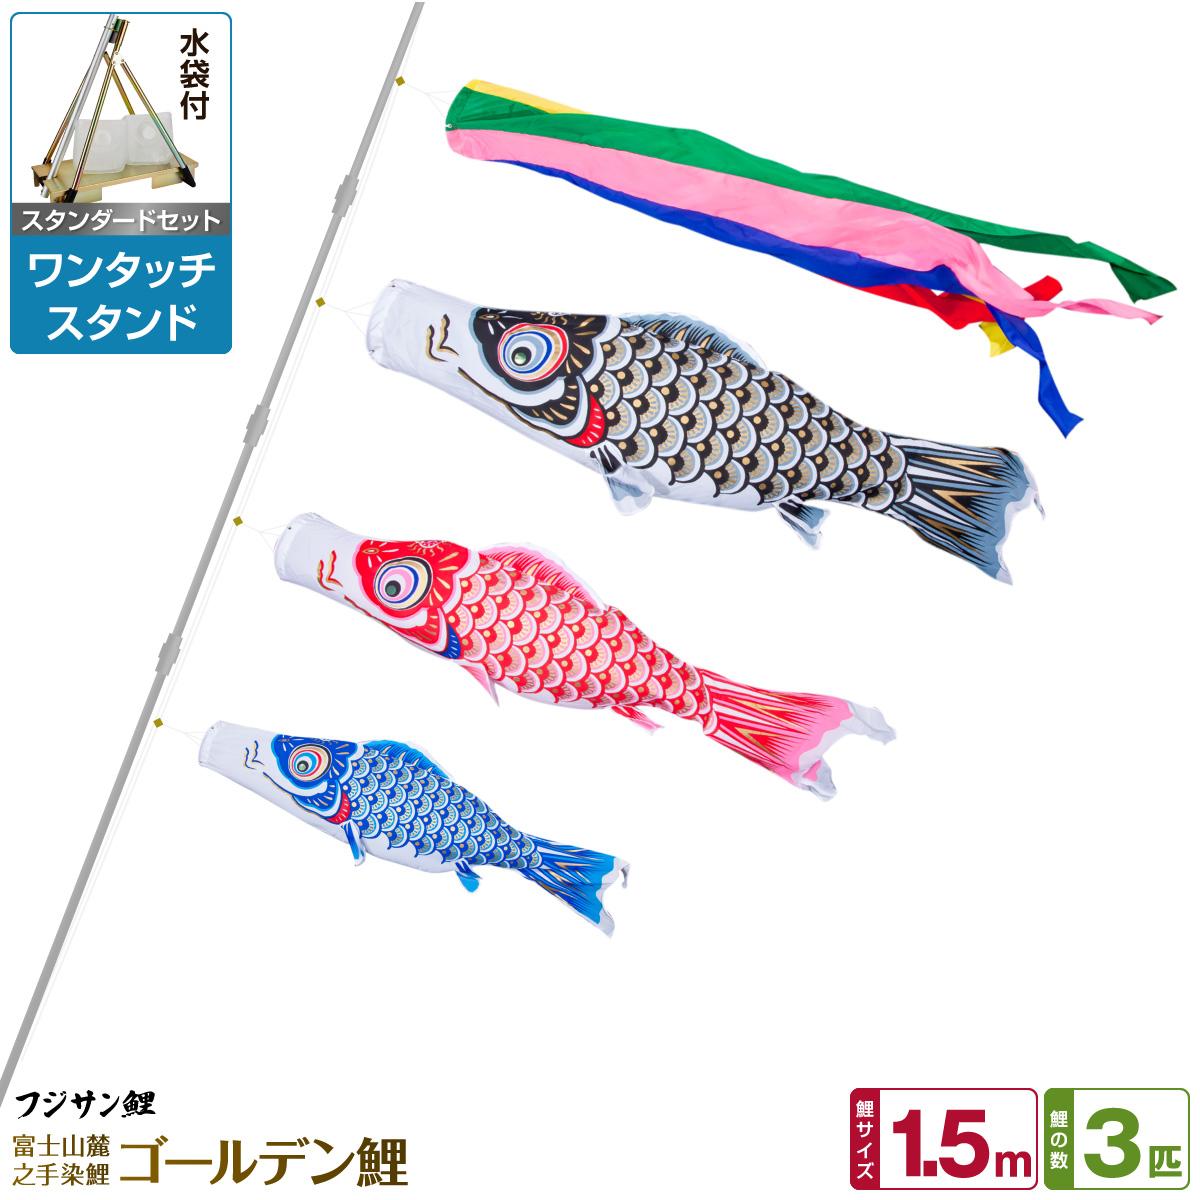 ベランダ用 こいのぼり 鯉のぼり フジサン鯉 ゴールデン鯉 1.5m 6点(吹流し+鯉3匹+矢車+ロープ)/スタンダードセット(ワンタッチスタンド)